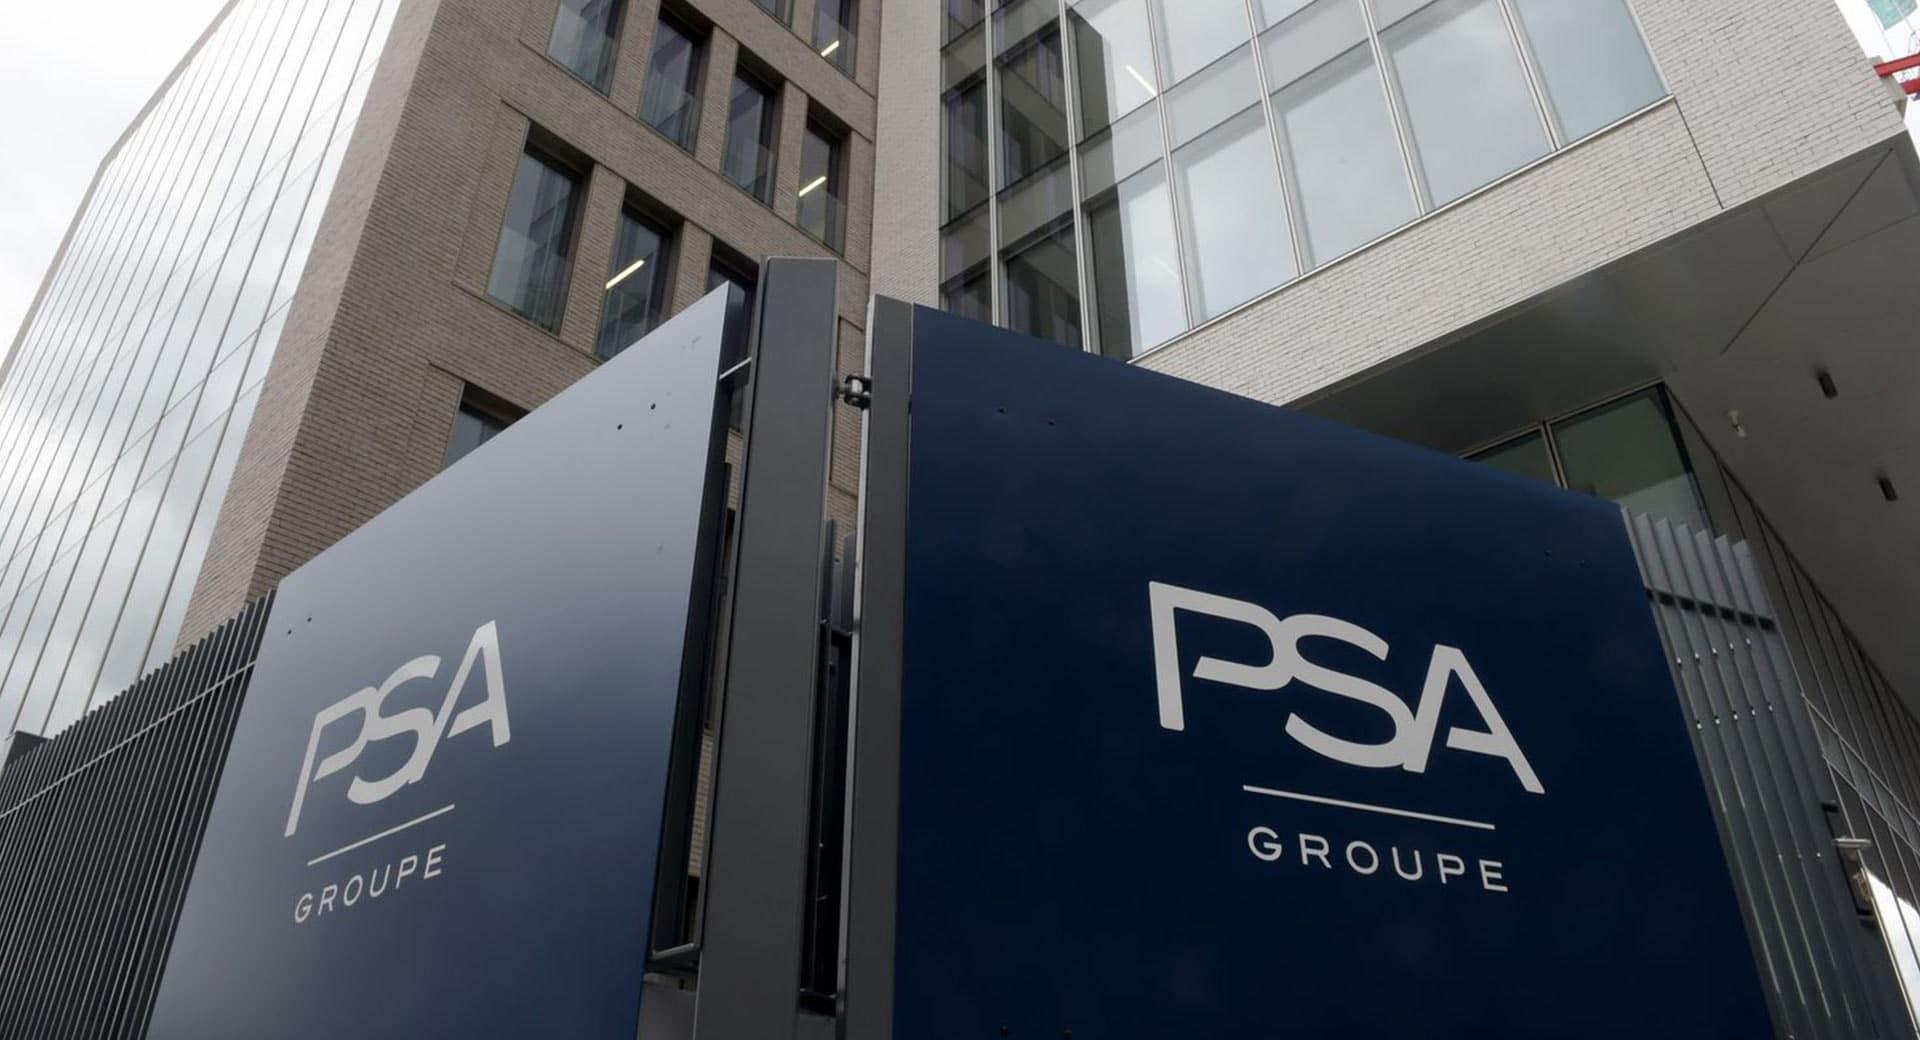 PSA va co-construire 10000 respirateurs pour lutter contre le coronavirus